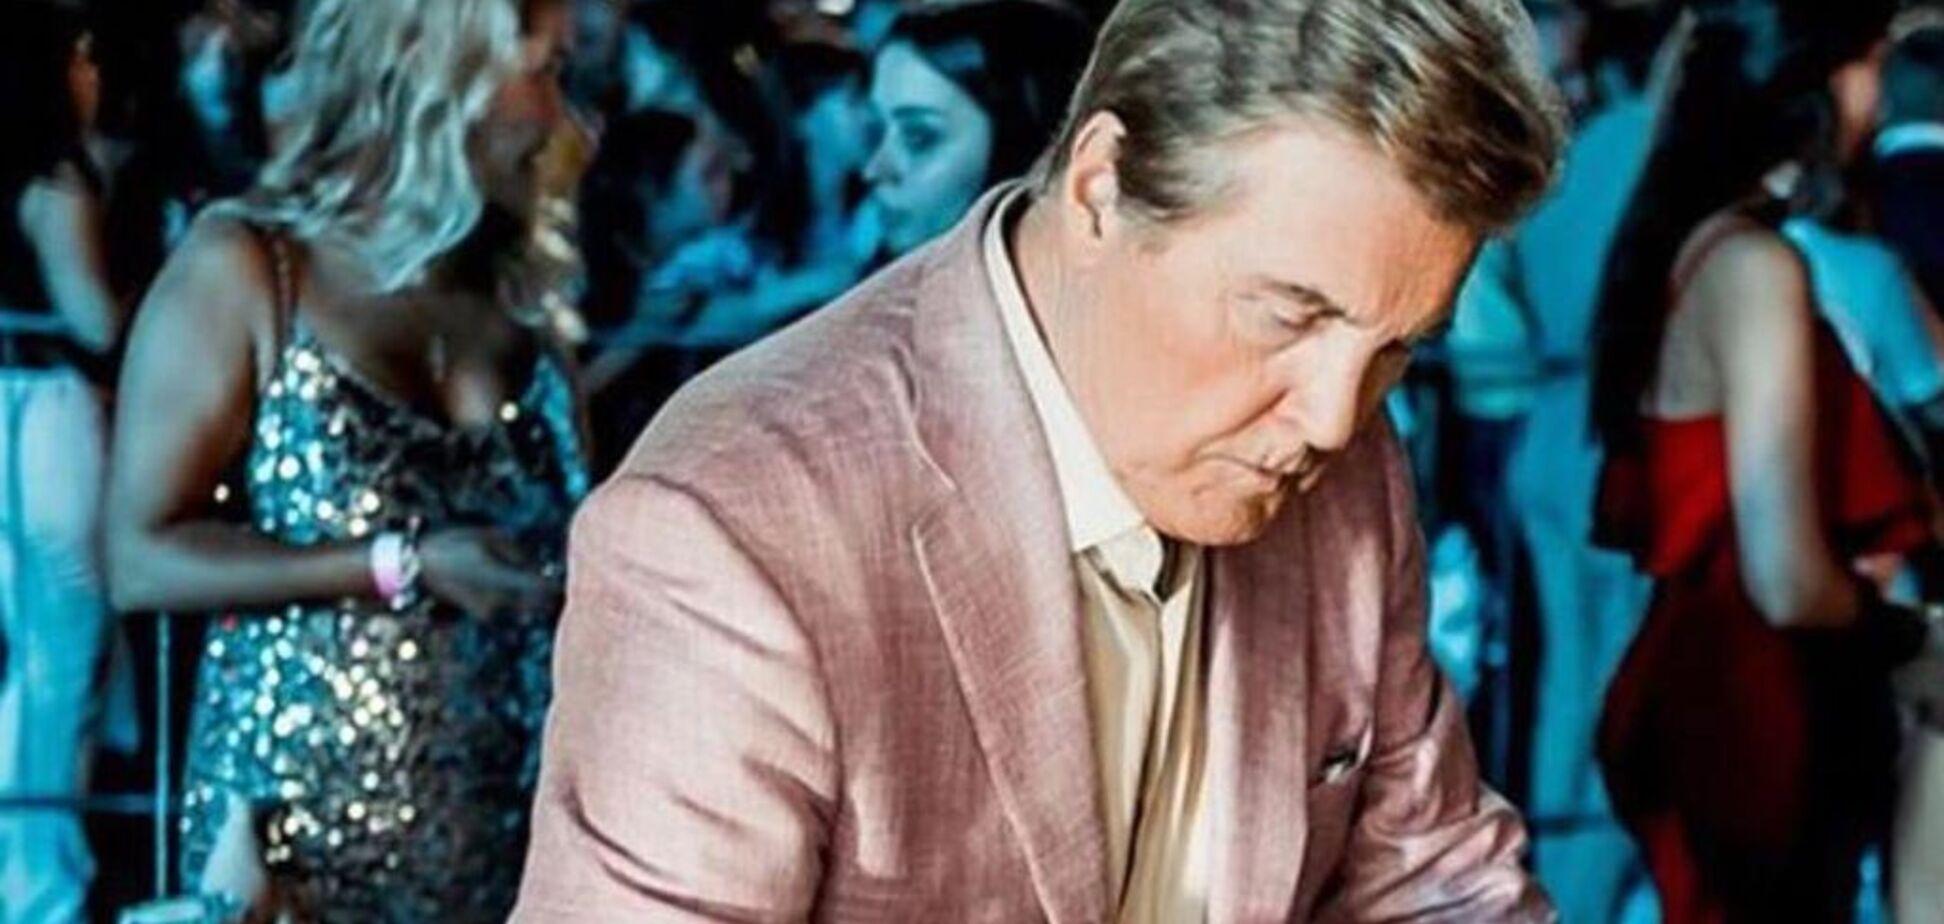 Лев Лещенко показал фото жены в пижаме и вызвал недоумение